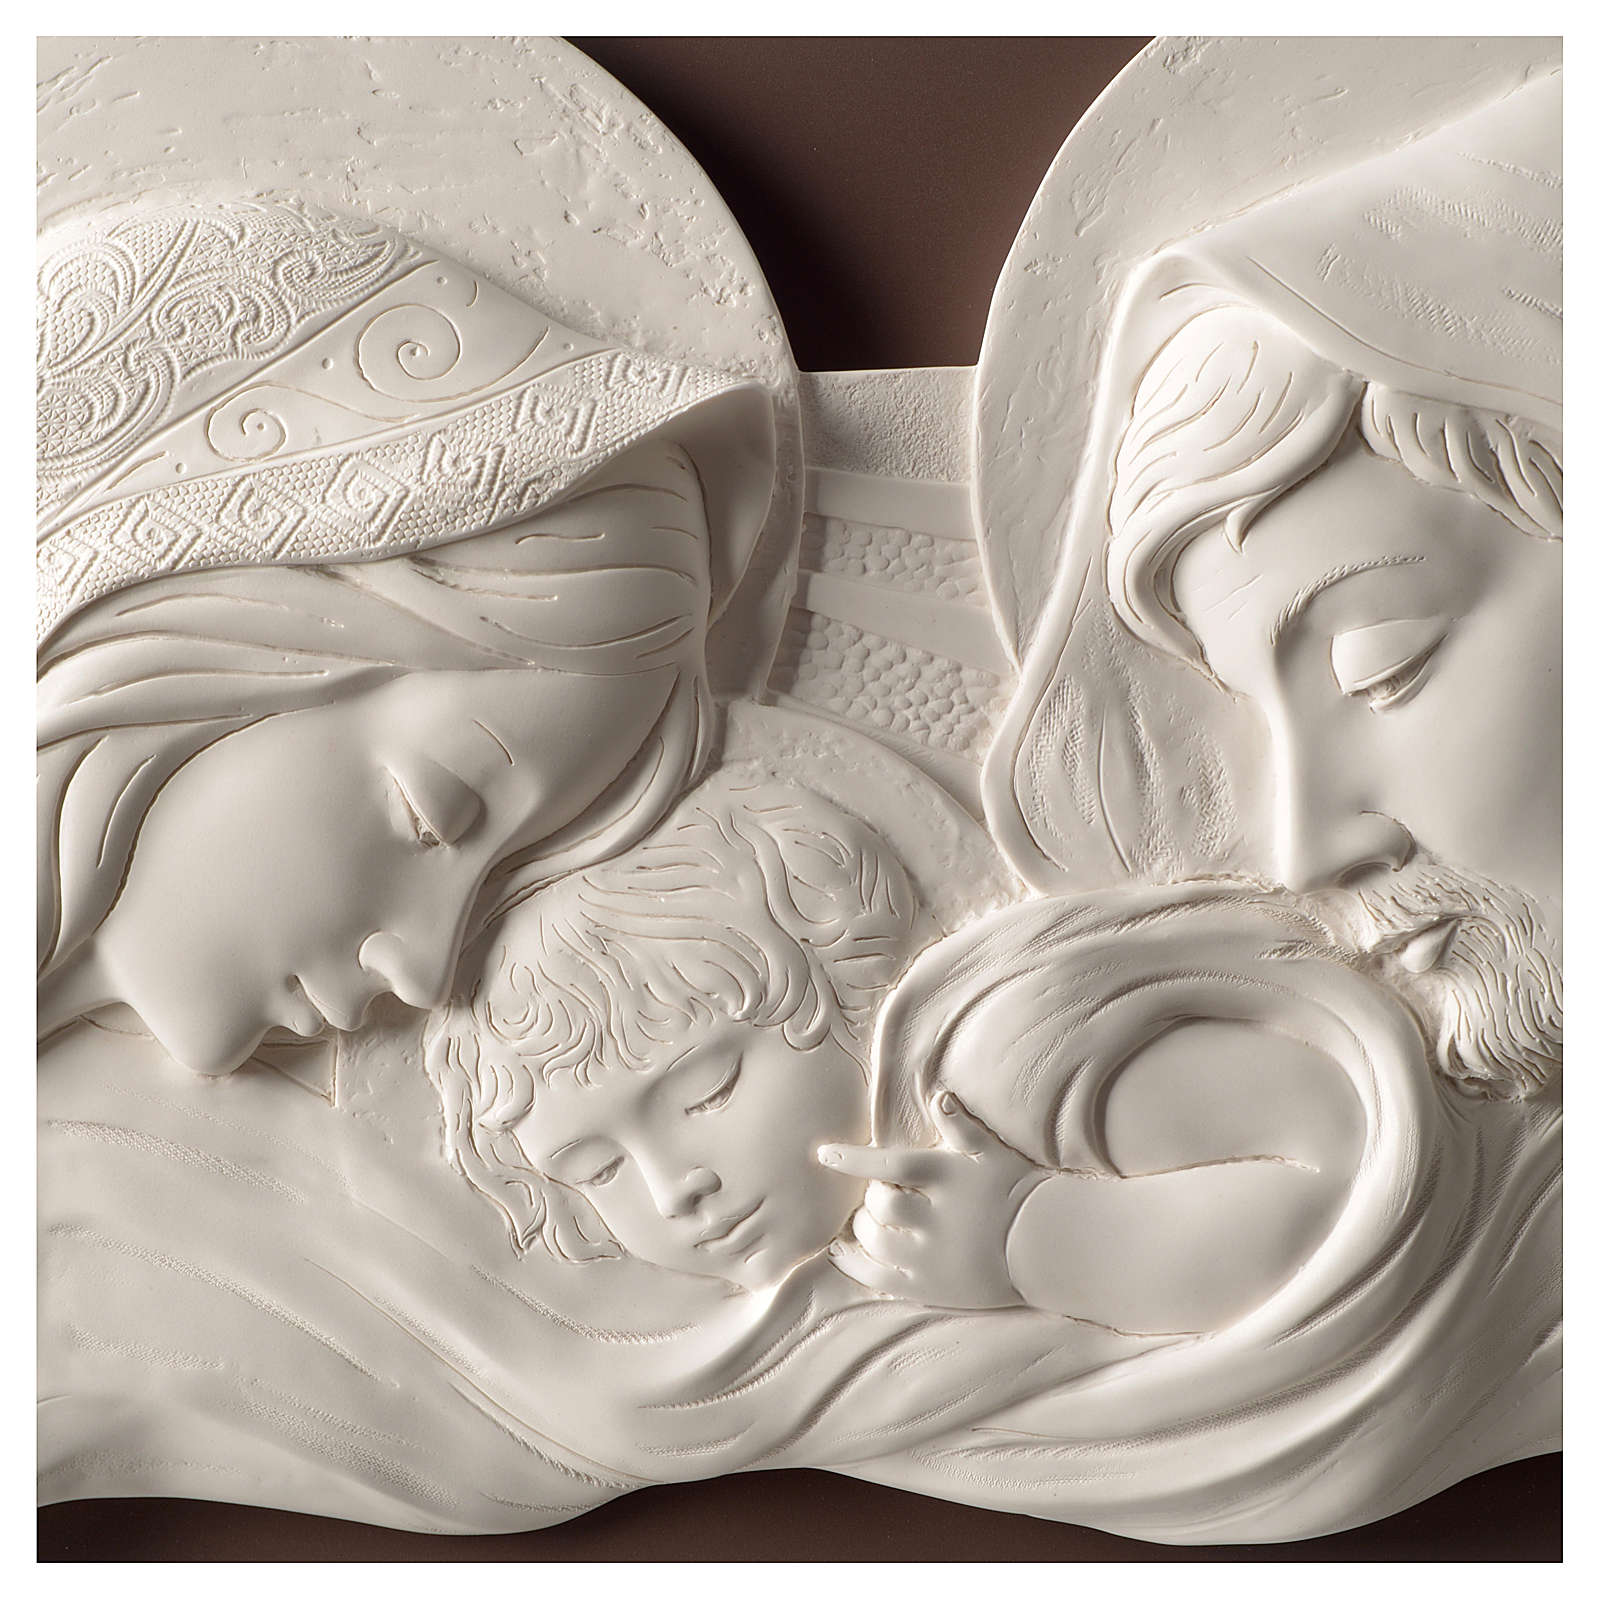 Cuadro Sagrada Familia blanco y gris ceniciento25x55 cm resina y madera 3